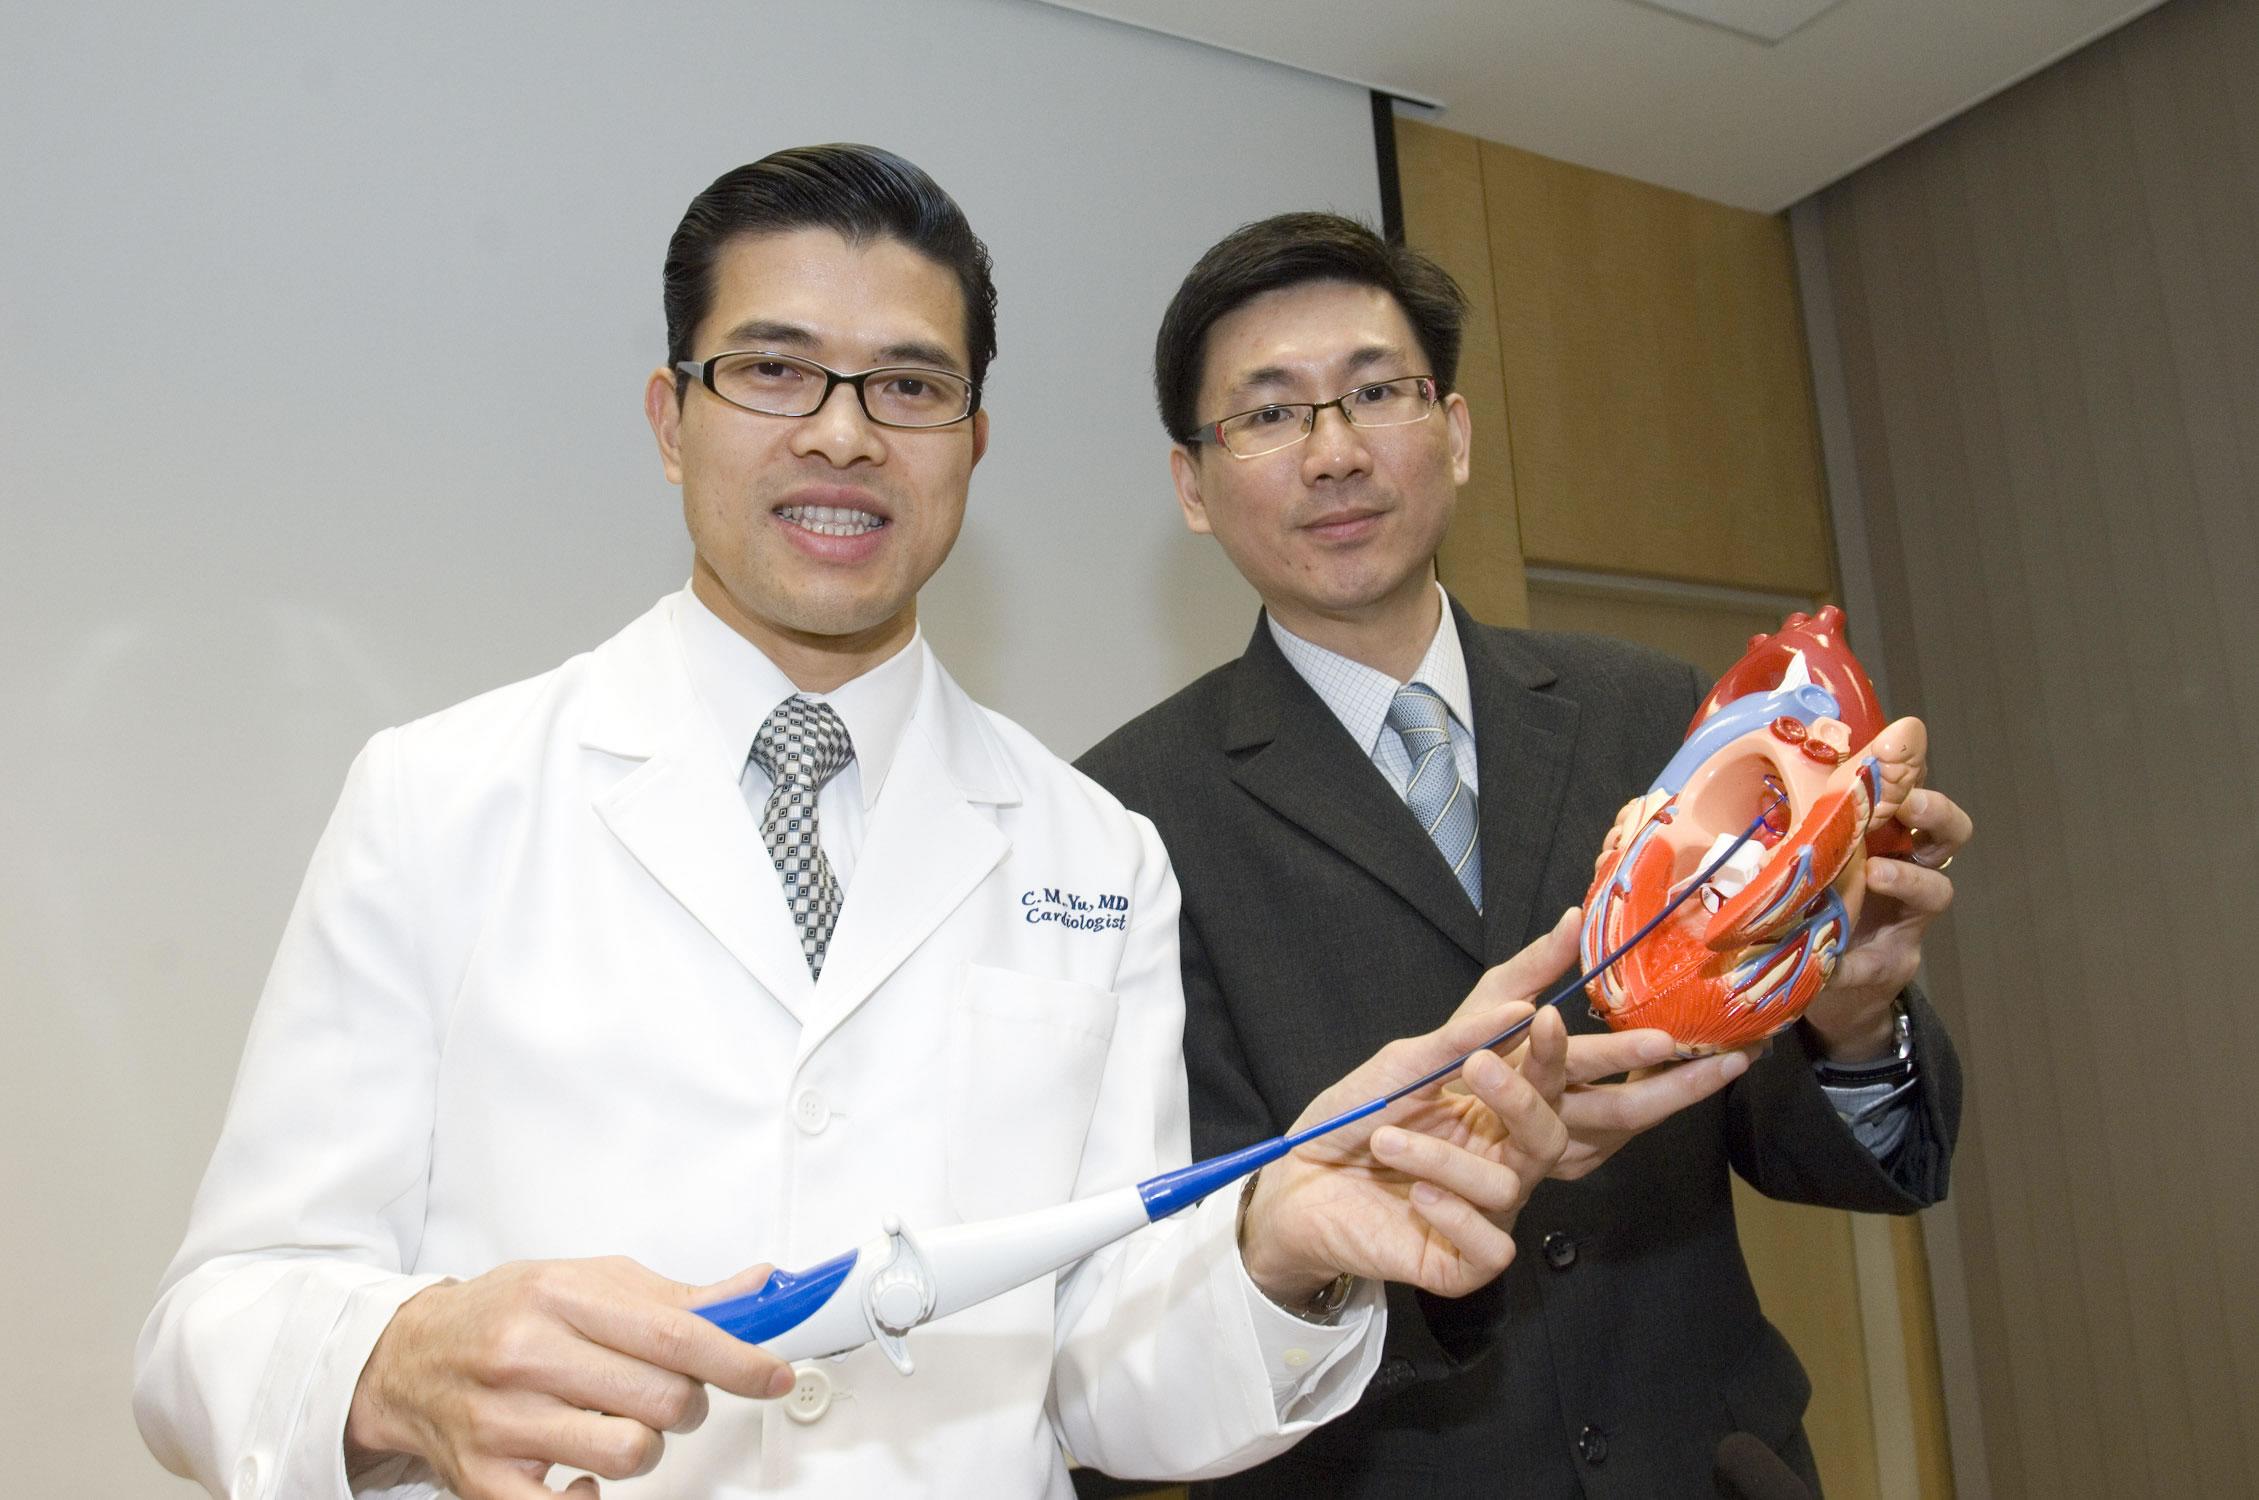 嶄新的射頻消融技術可治療心律不整